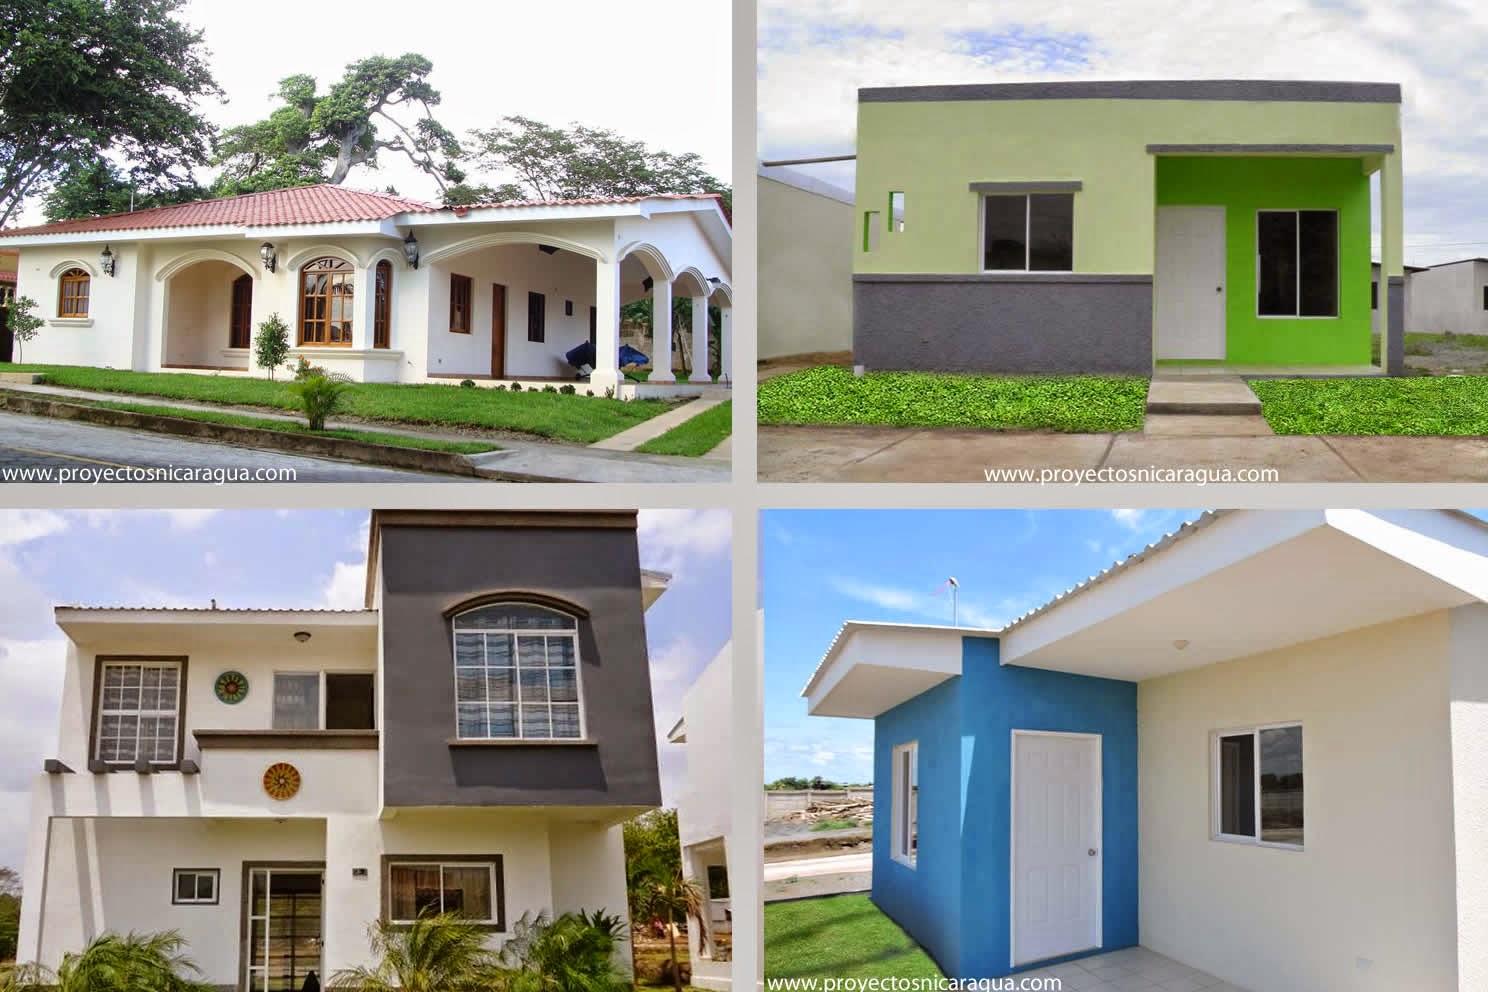 Fotos urbanizaciones residenciales en managua nuevos for Casas ideas y proyectos